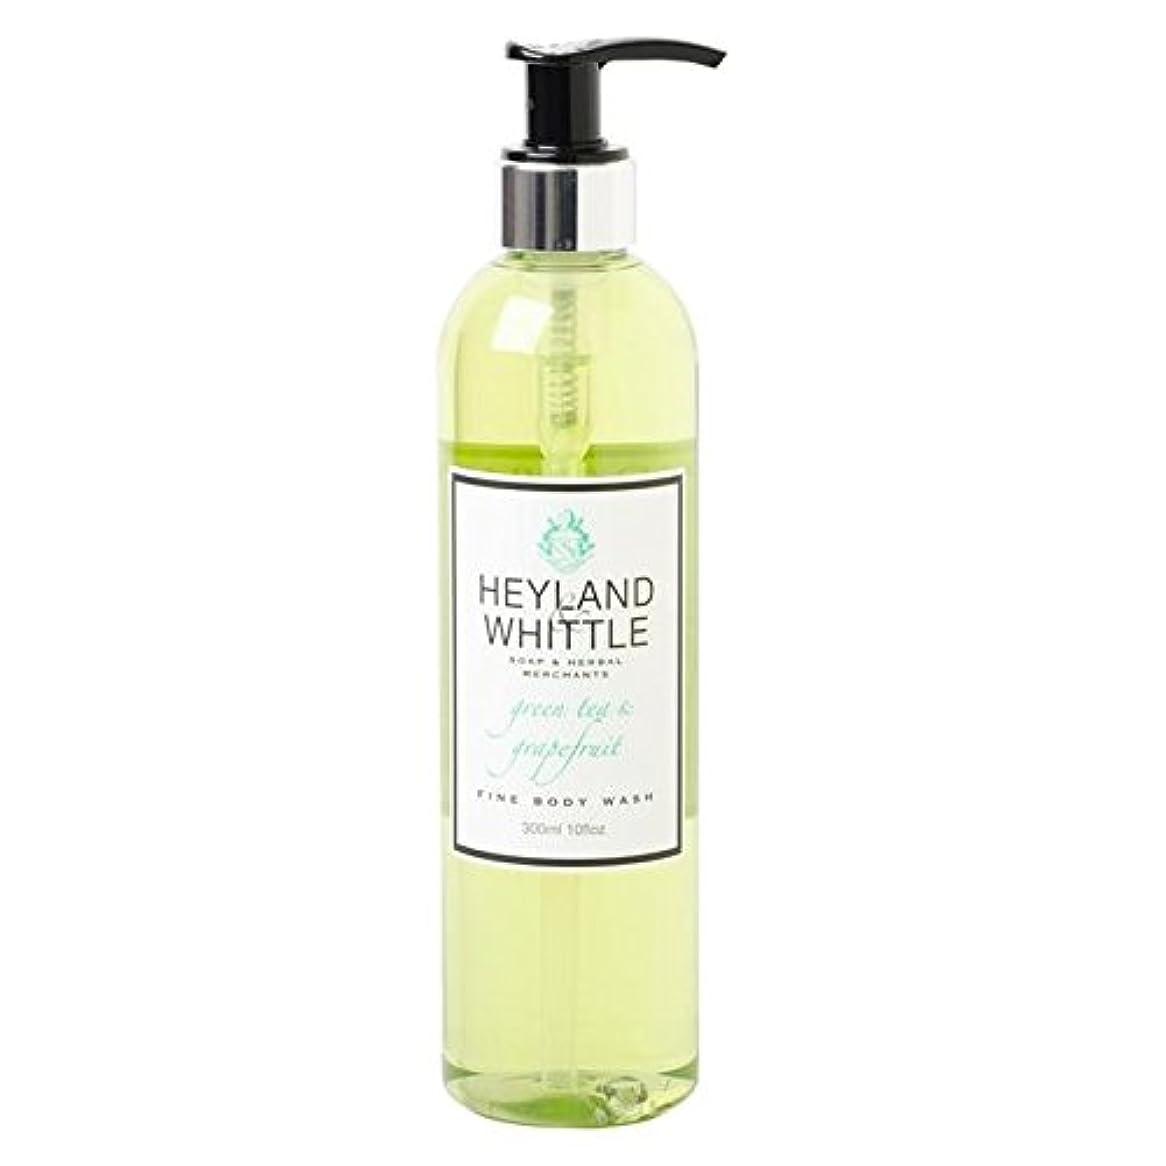 に沿って超高層ビル魅力的Heyland & Whittle Greentea & Grapefruit Body Wash 300ml - &削るグリーンティ&グレープフルーツボディウォッシュ300ミリリットル [並行輸入品]